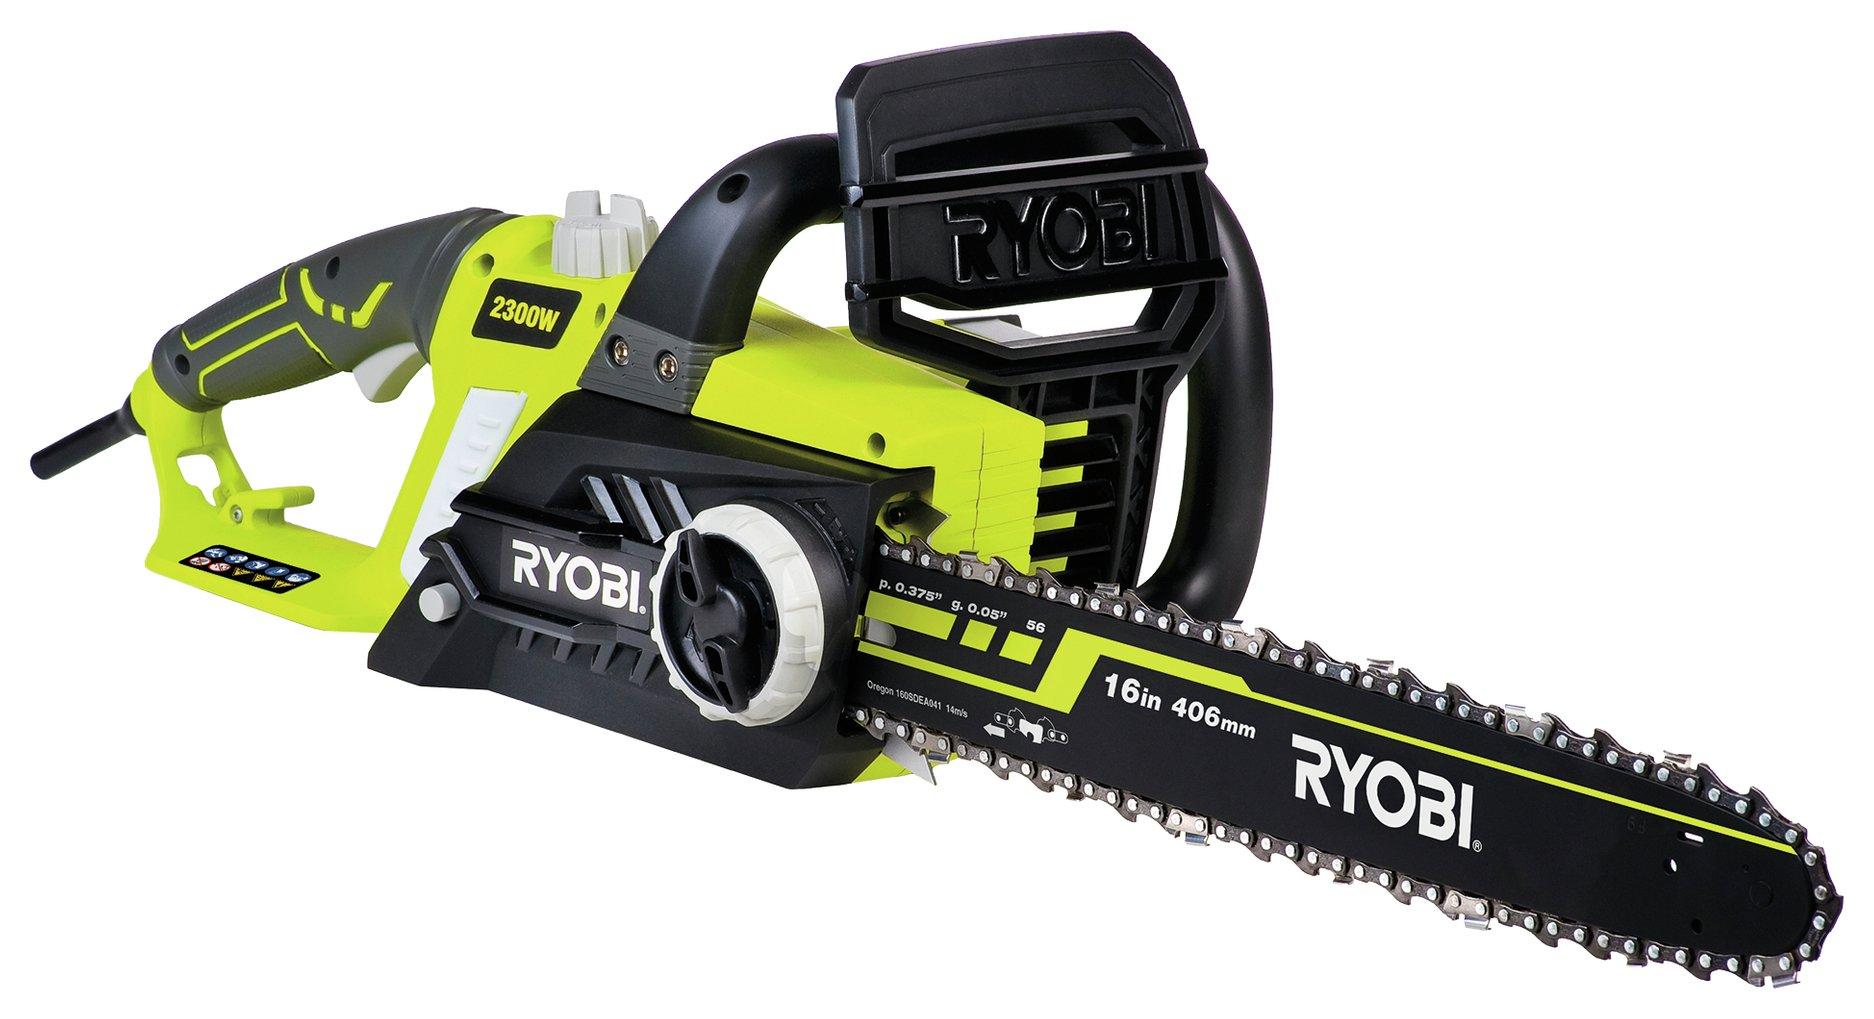 Ryobi - RCS2340 Corded Chainsaw - 2300W